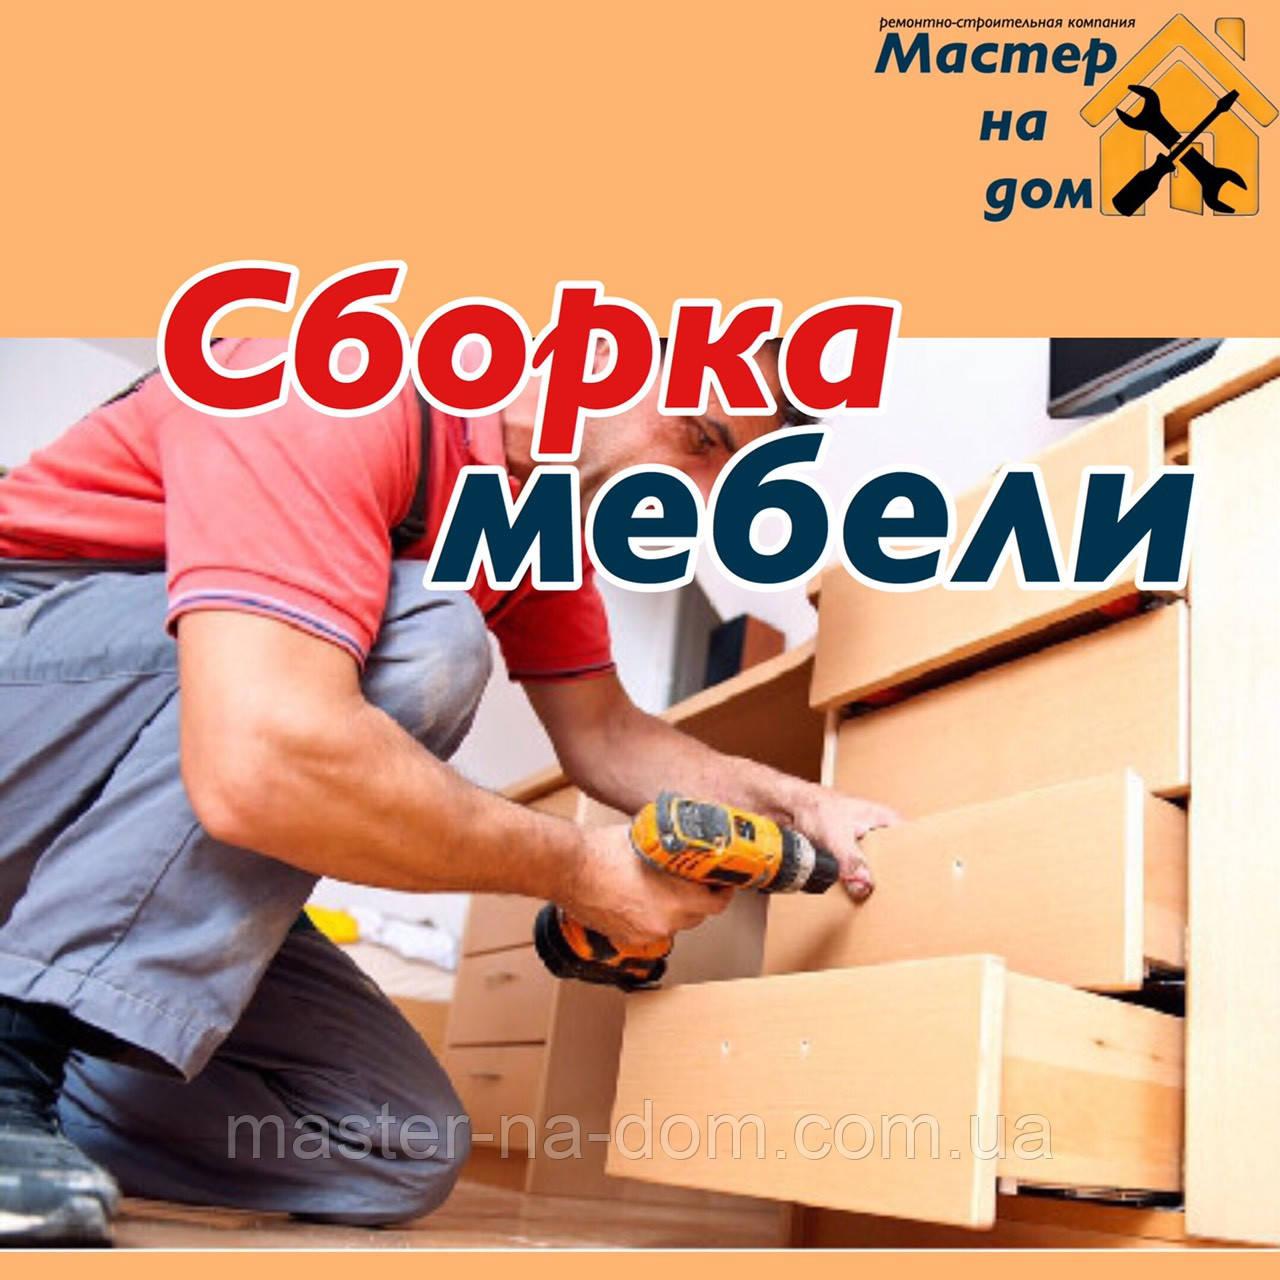 Сборка мебели в Харькове